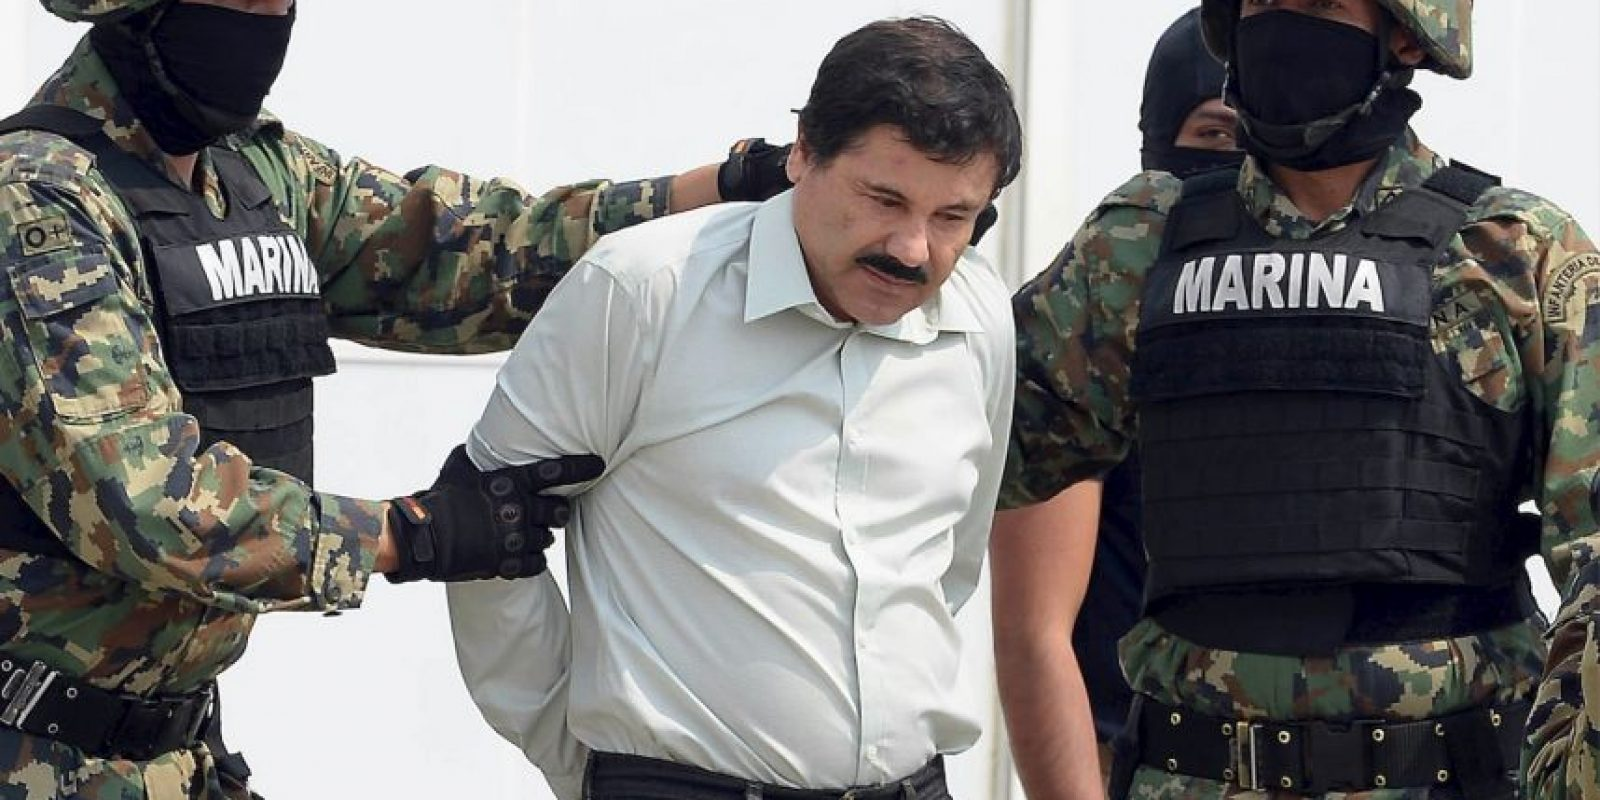 """Joaquín """"El Chapo Guzmán"""" luego de su captura, el 22 de febrero de 2014 Foto:AP"""